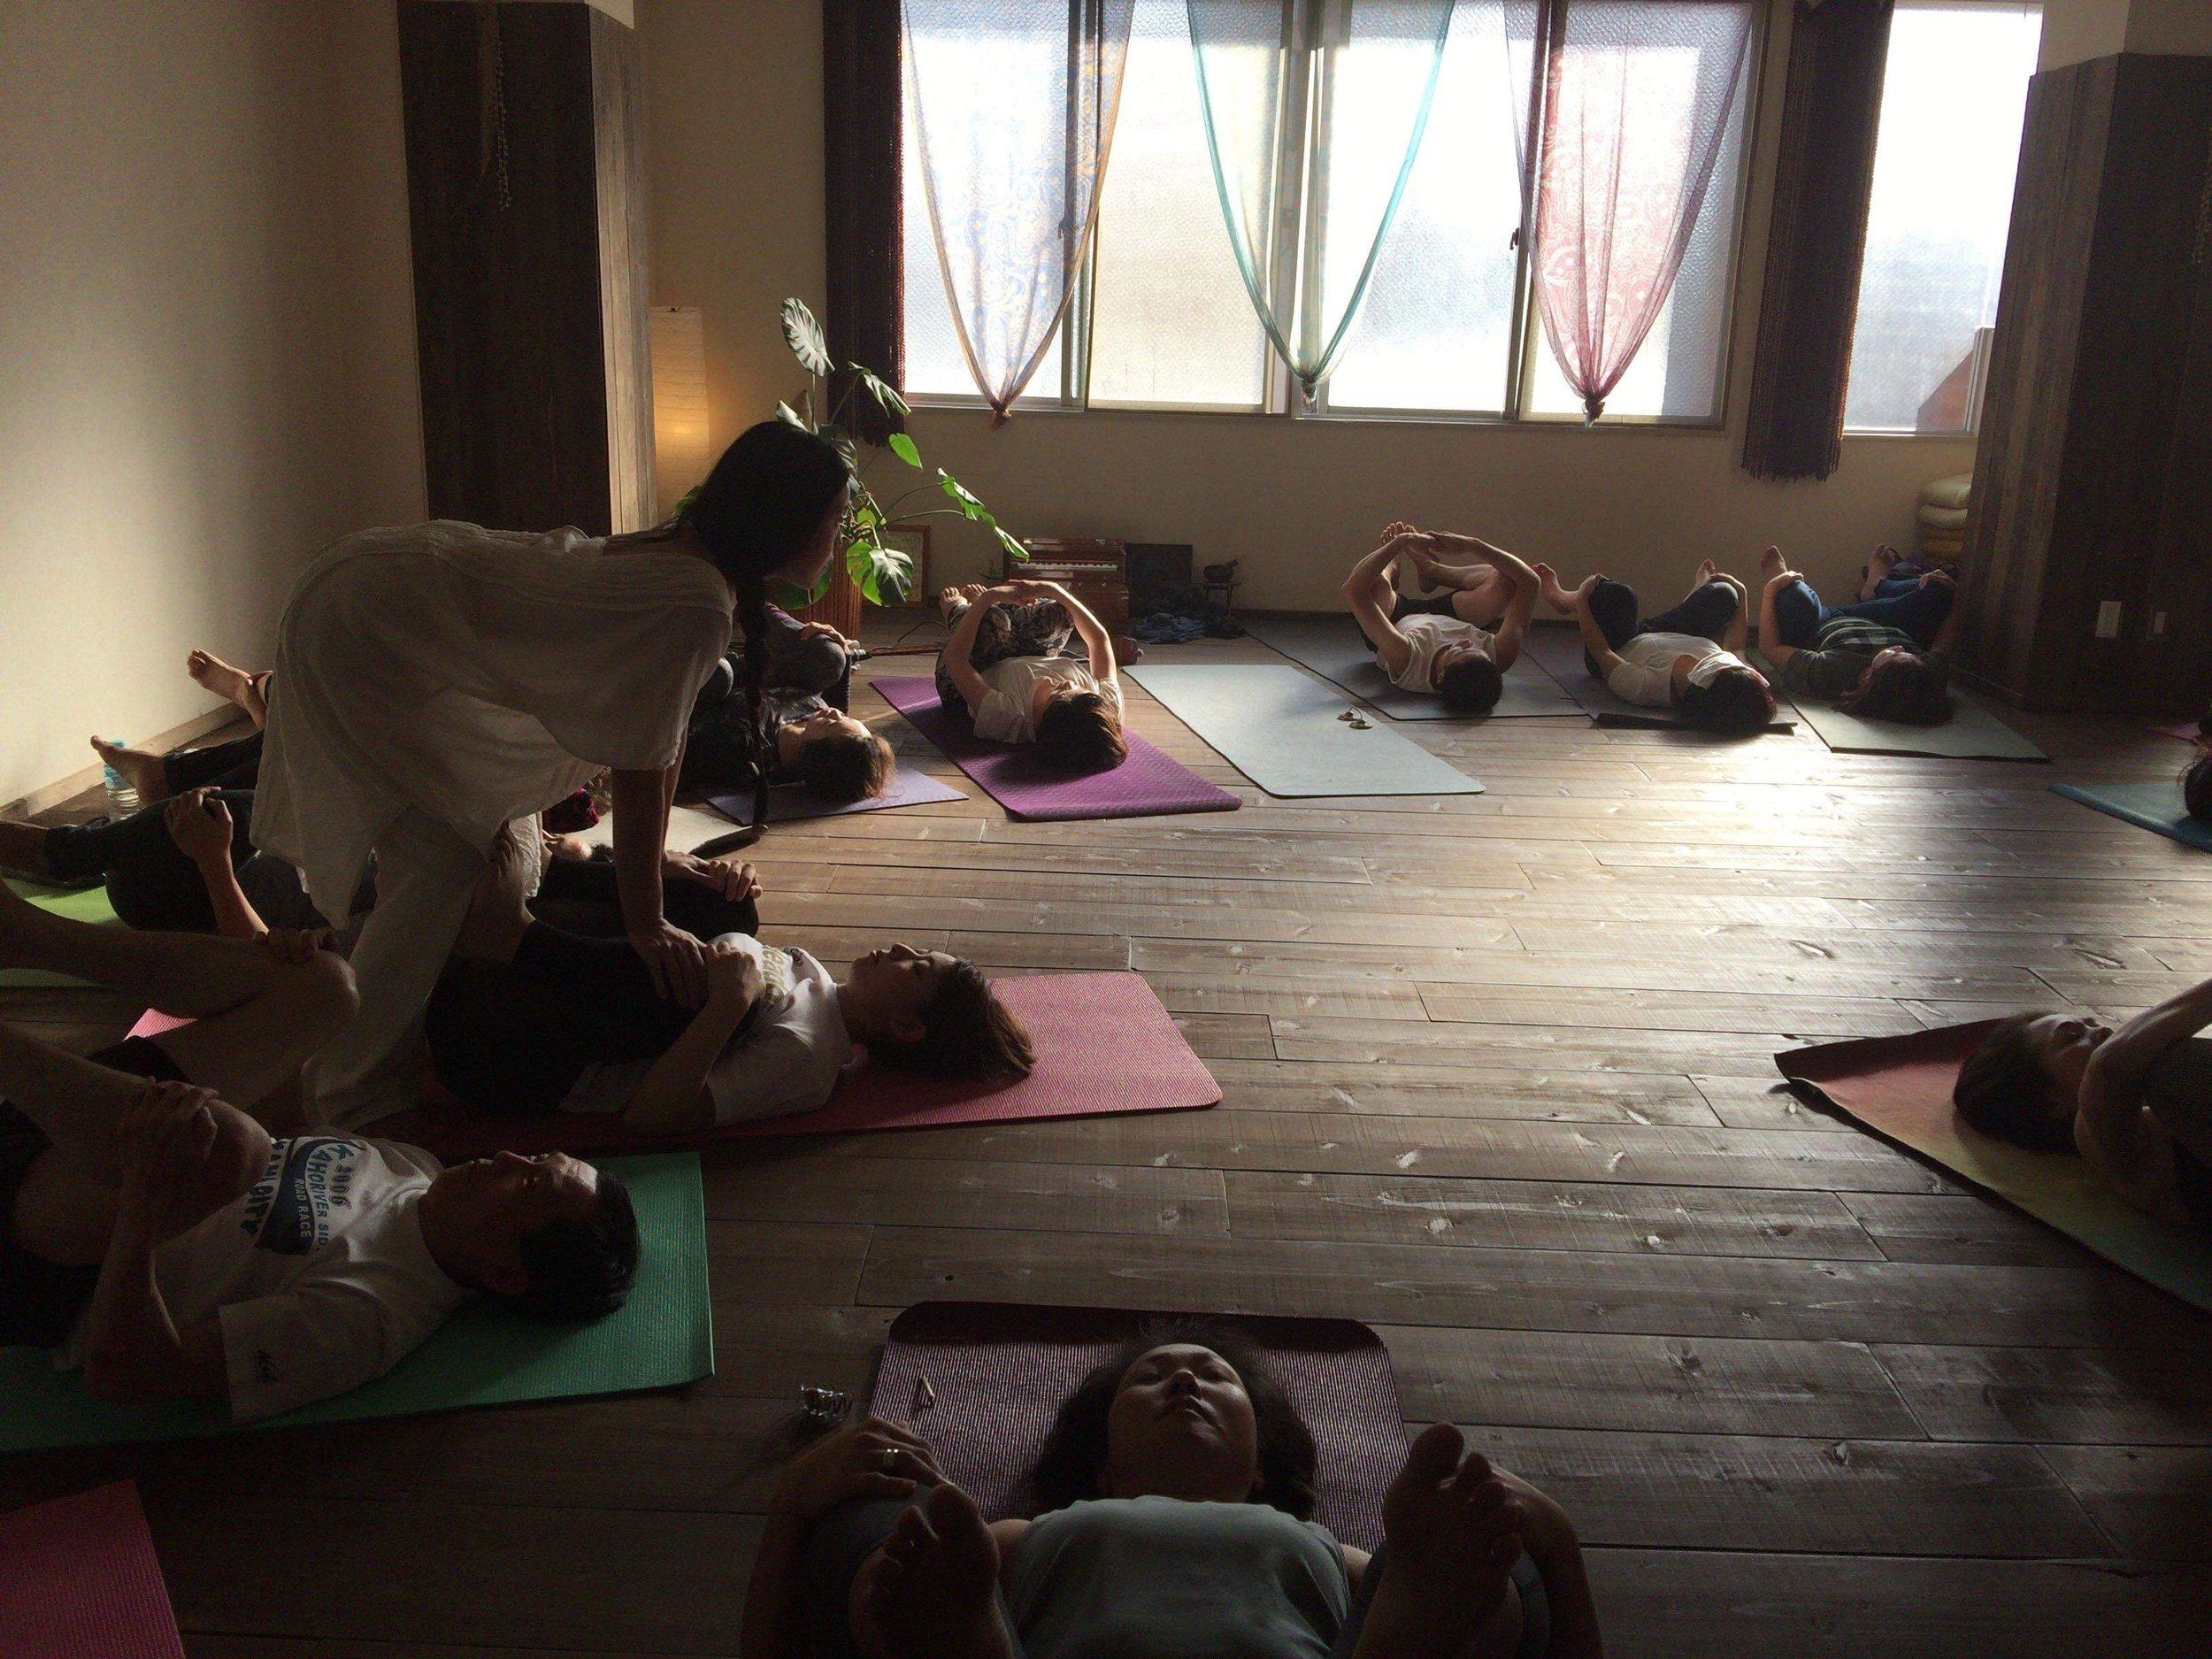 久しぶりに久留米のヨガスタジオ Yoga Yolula にてワークショップ行います!